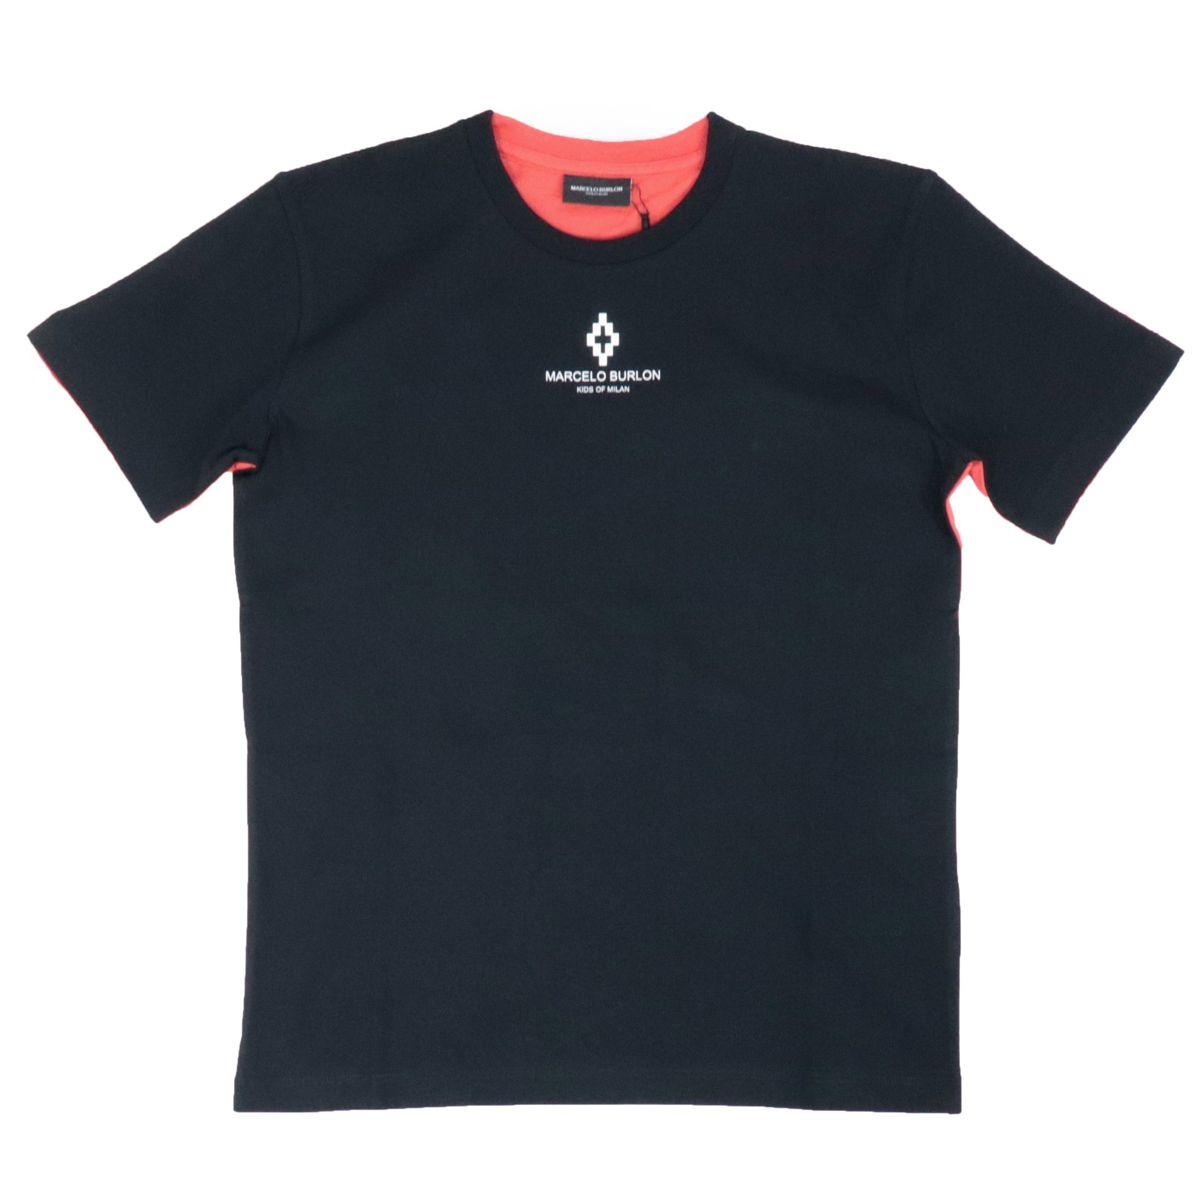 T-shirt Otromundo in cotone bicolore Nero MARCELO BURLON